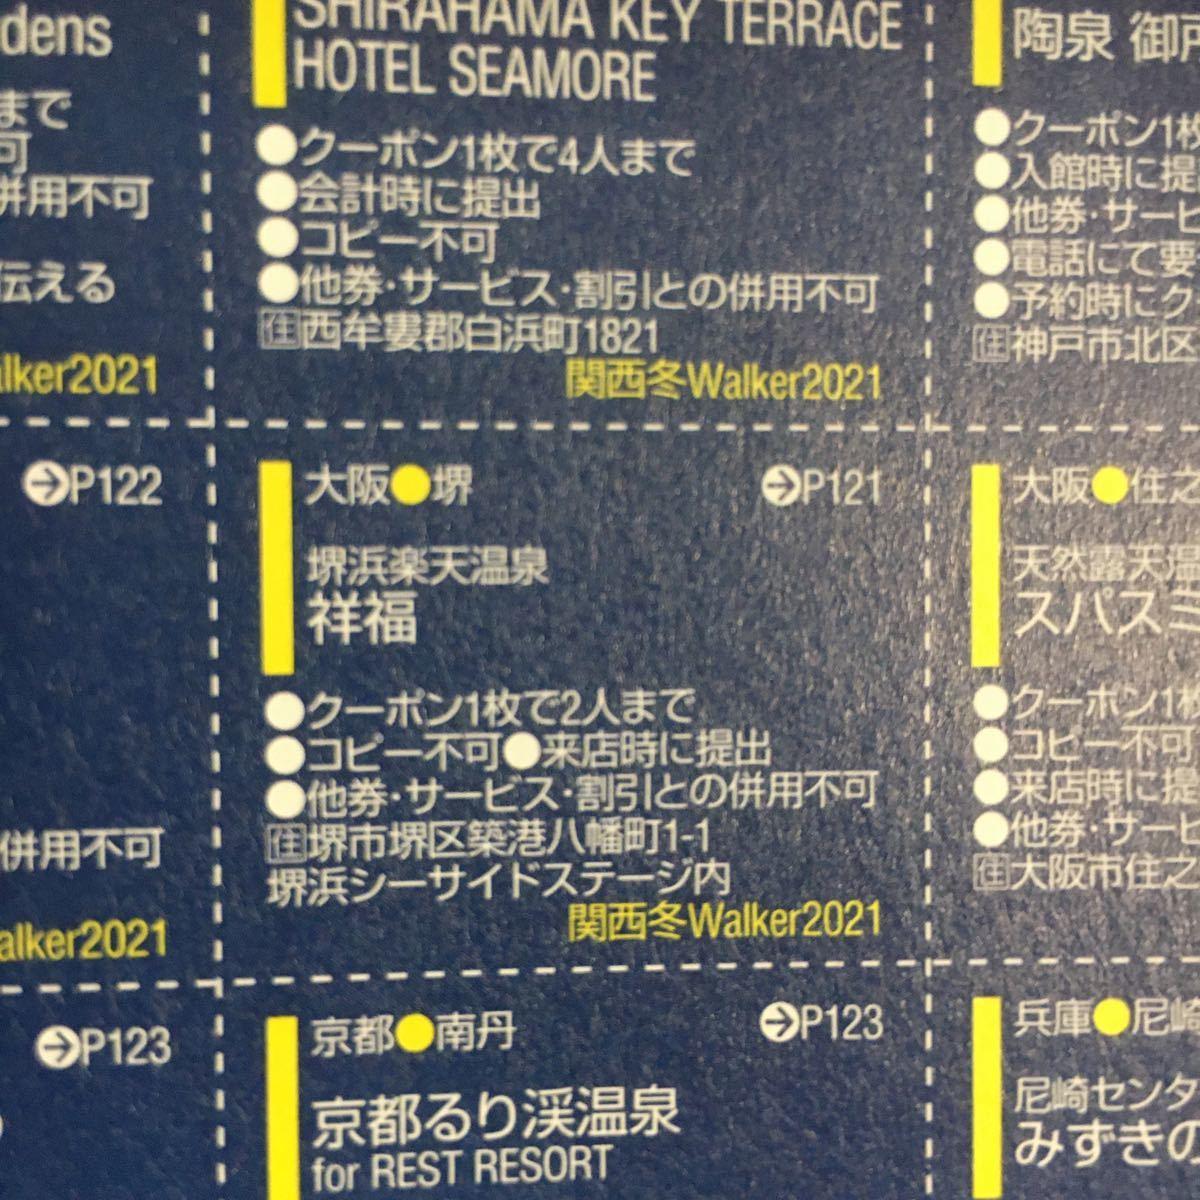 堺浜楽天温泉 祥福 クーポン券 割引券 半額券 2/28まで 除外日あり_画像2